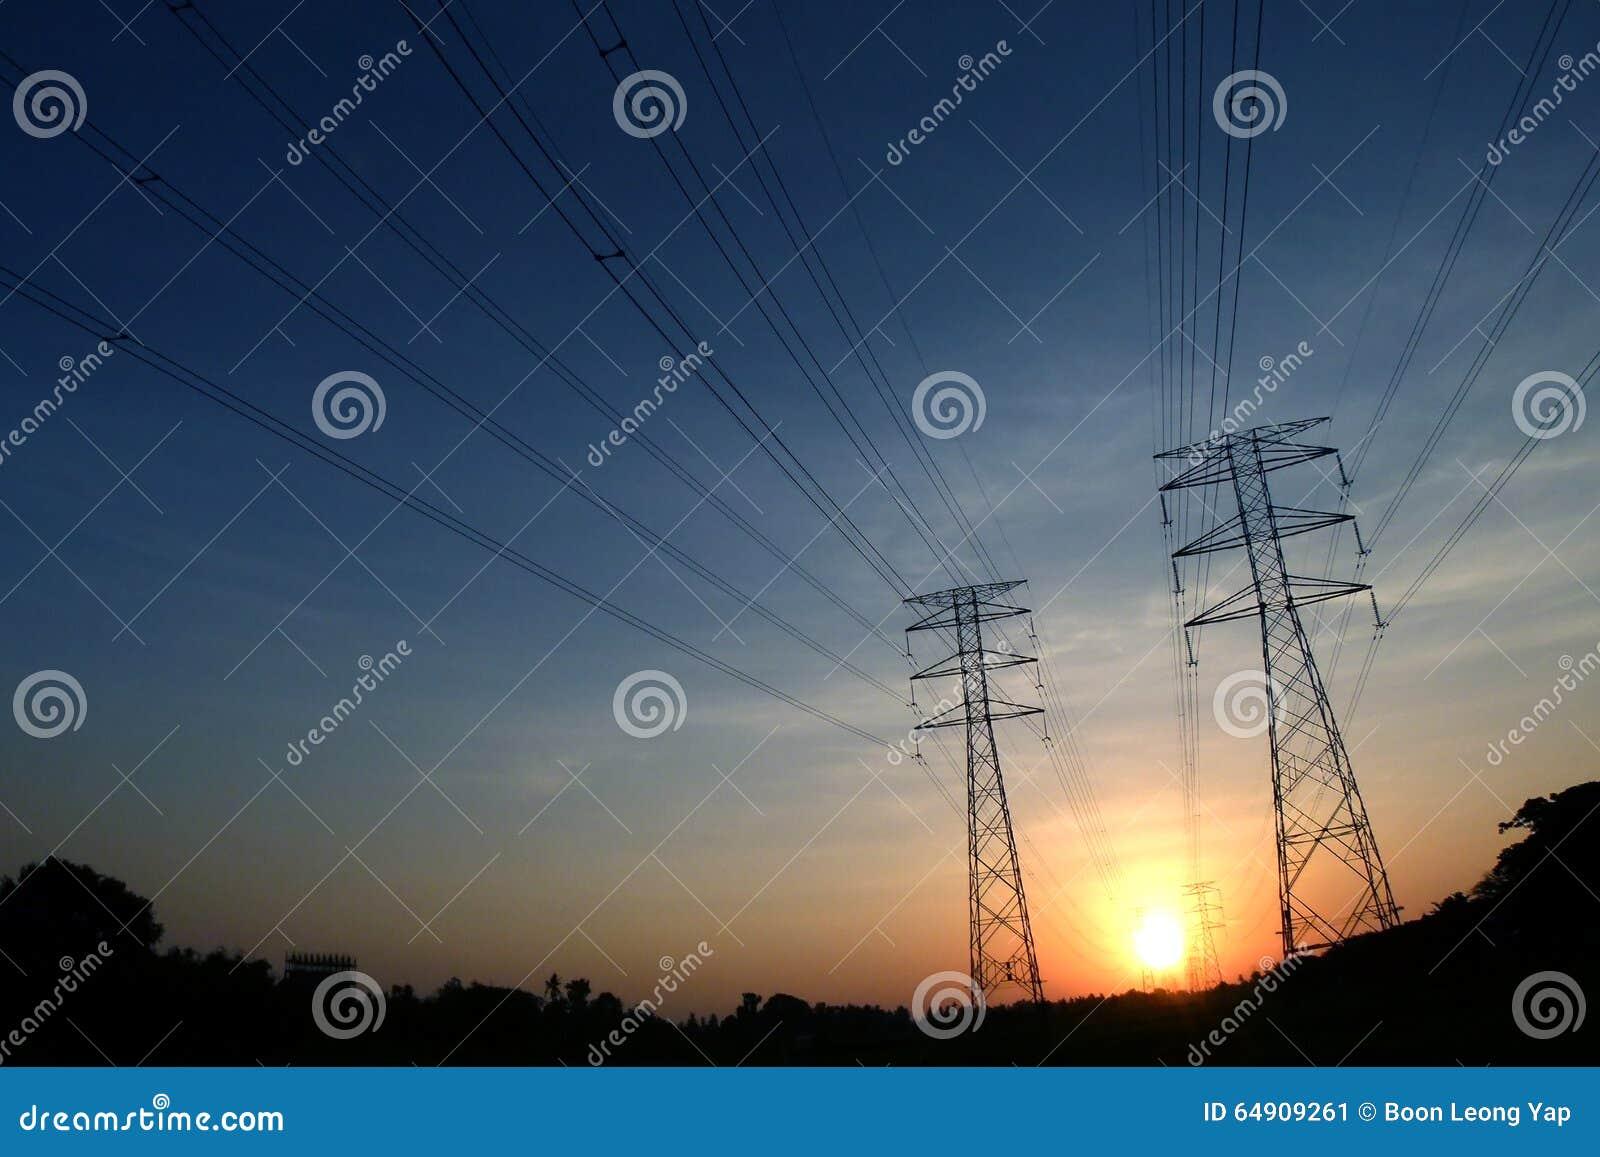 Elektrische Toren met draad op zwart silhouet in vroege ochtend, de brede schoten van de ooglens